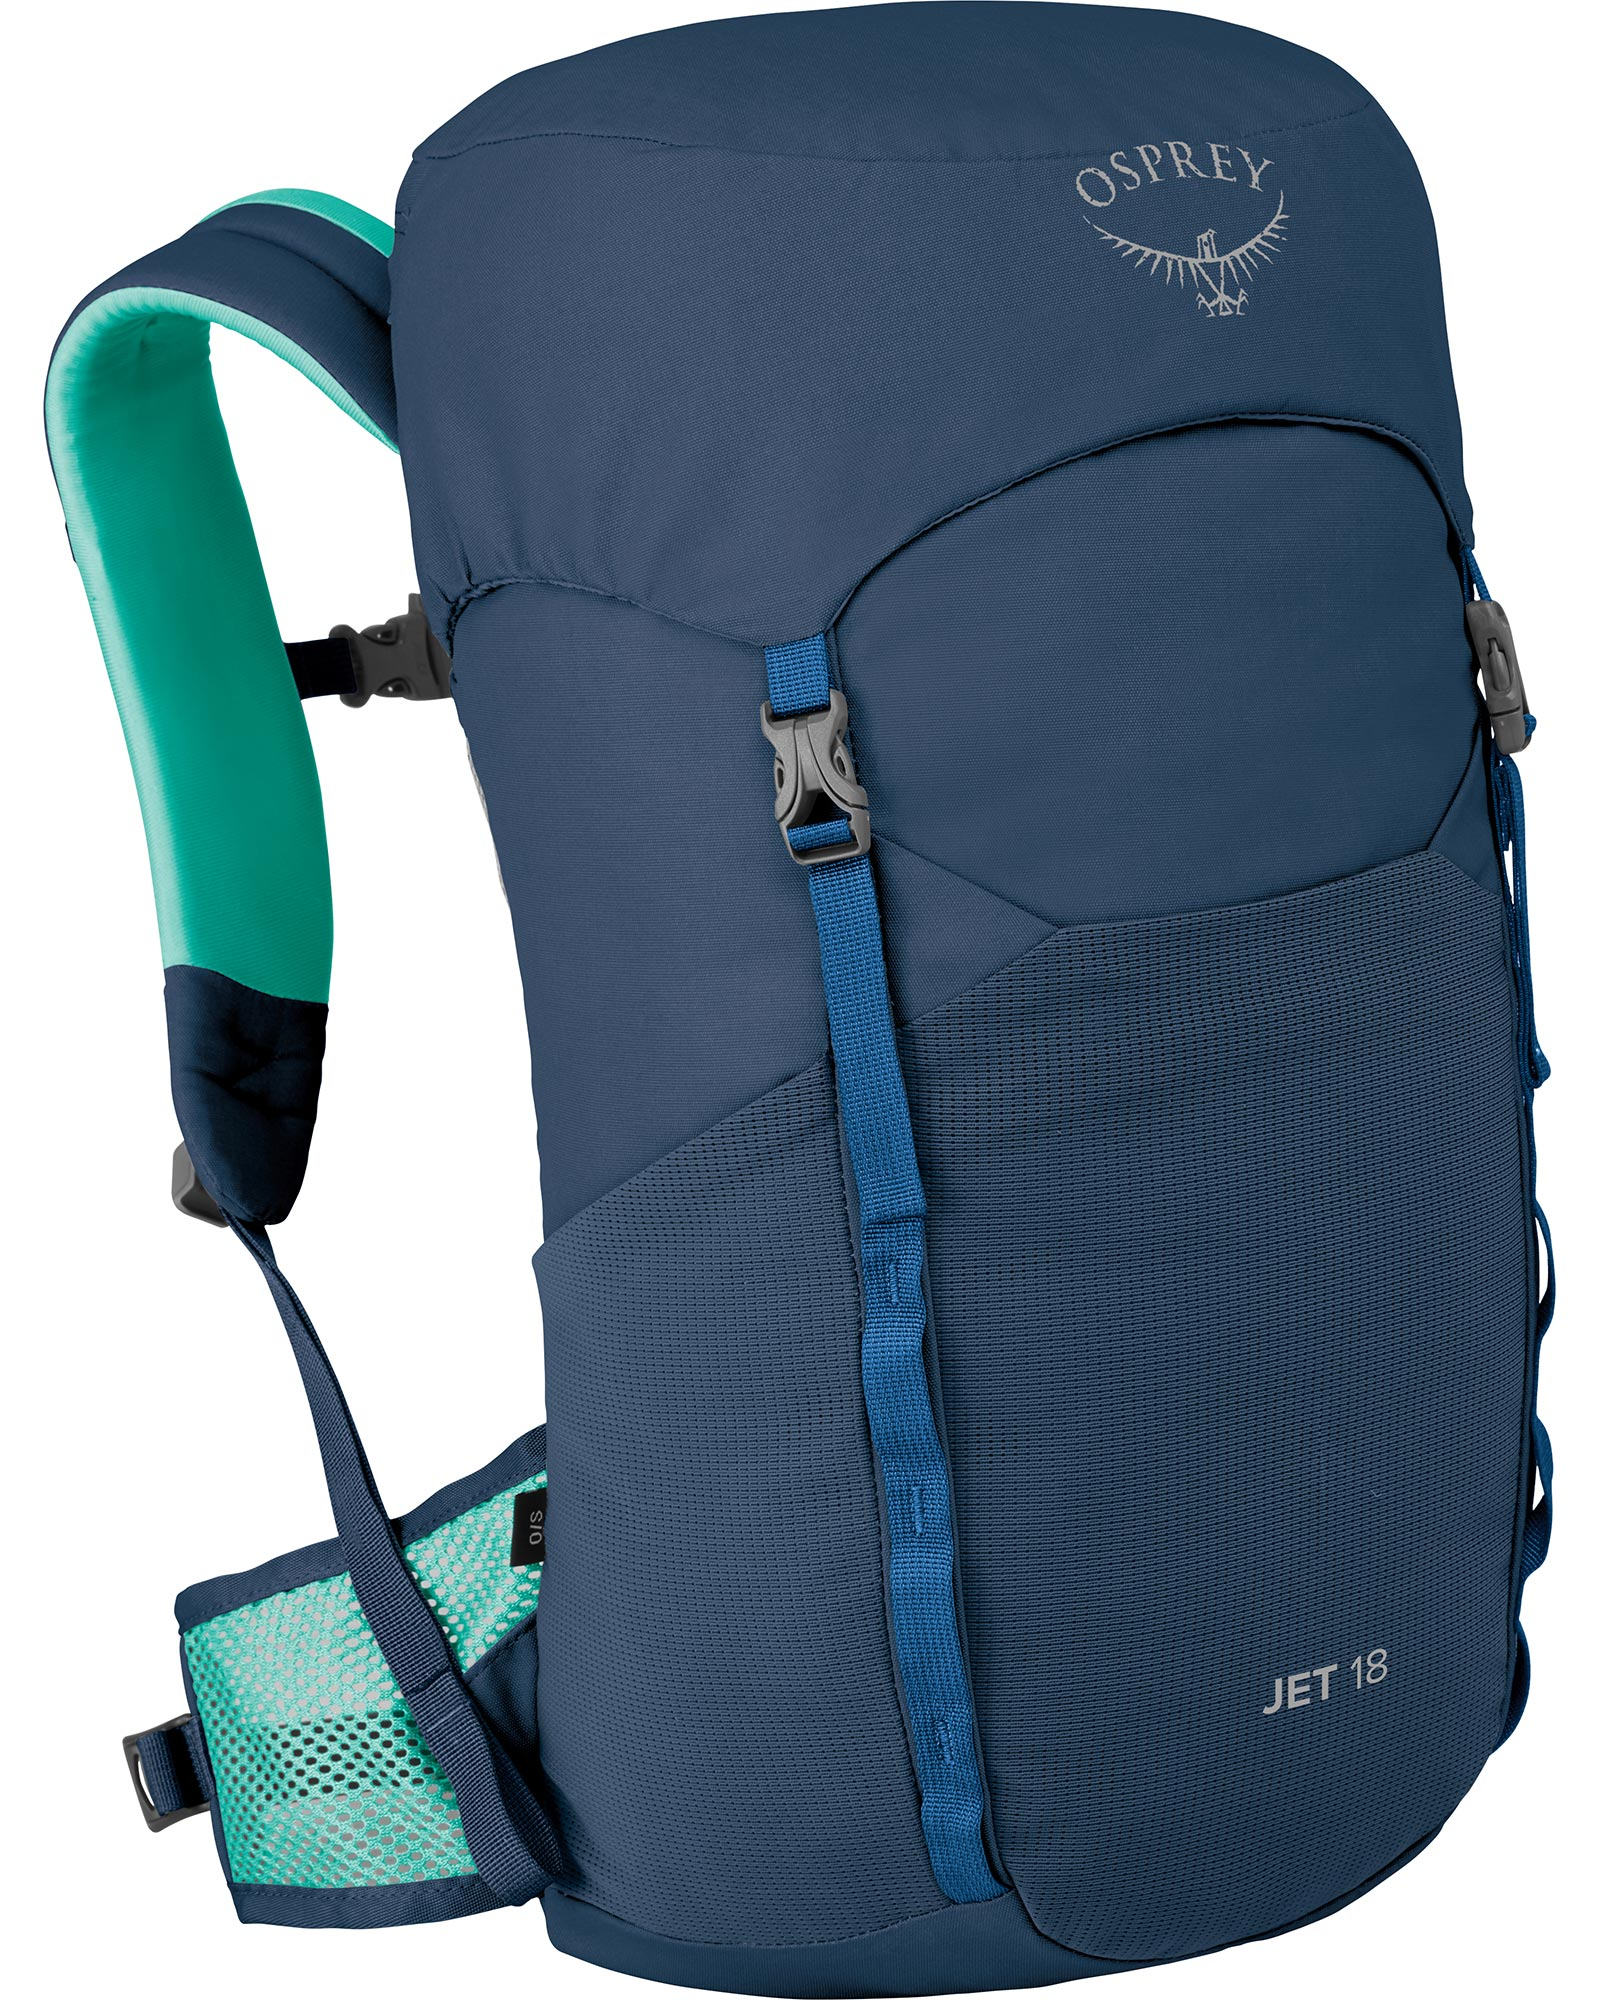 Osprey Jet 18 Kids' Backpack 0